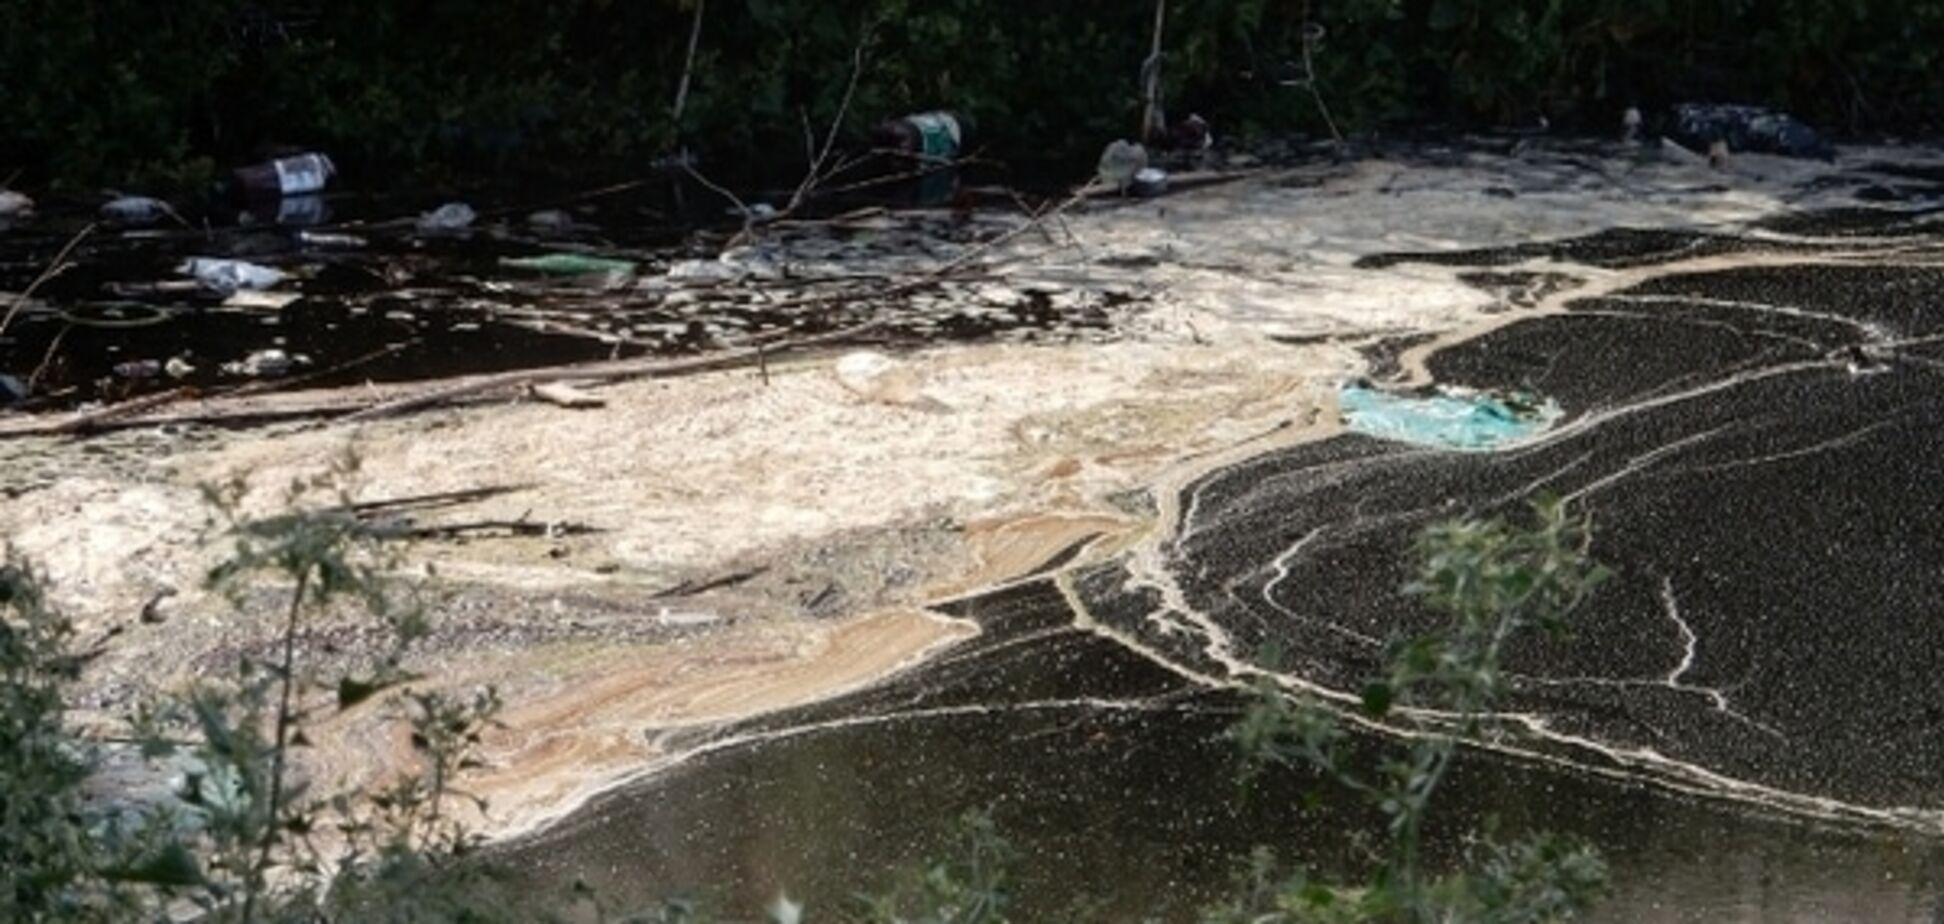 Эксперты оценят масштабы экологической катастрофы в Ладыжине